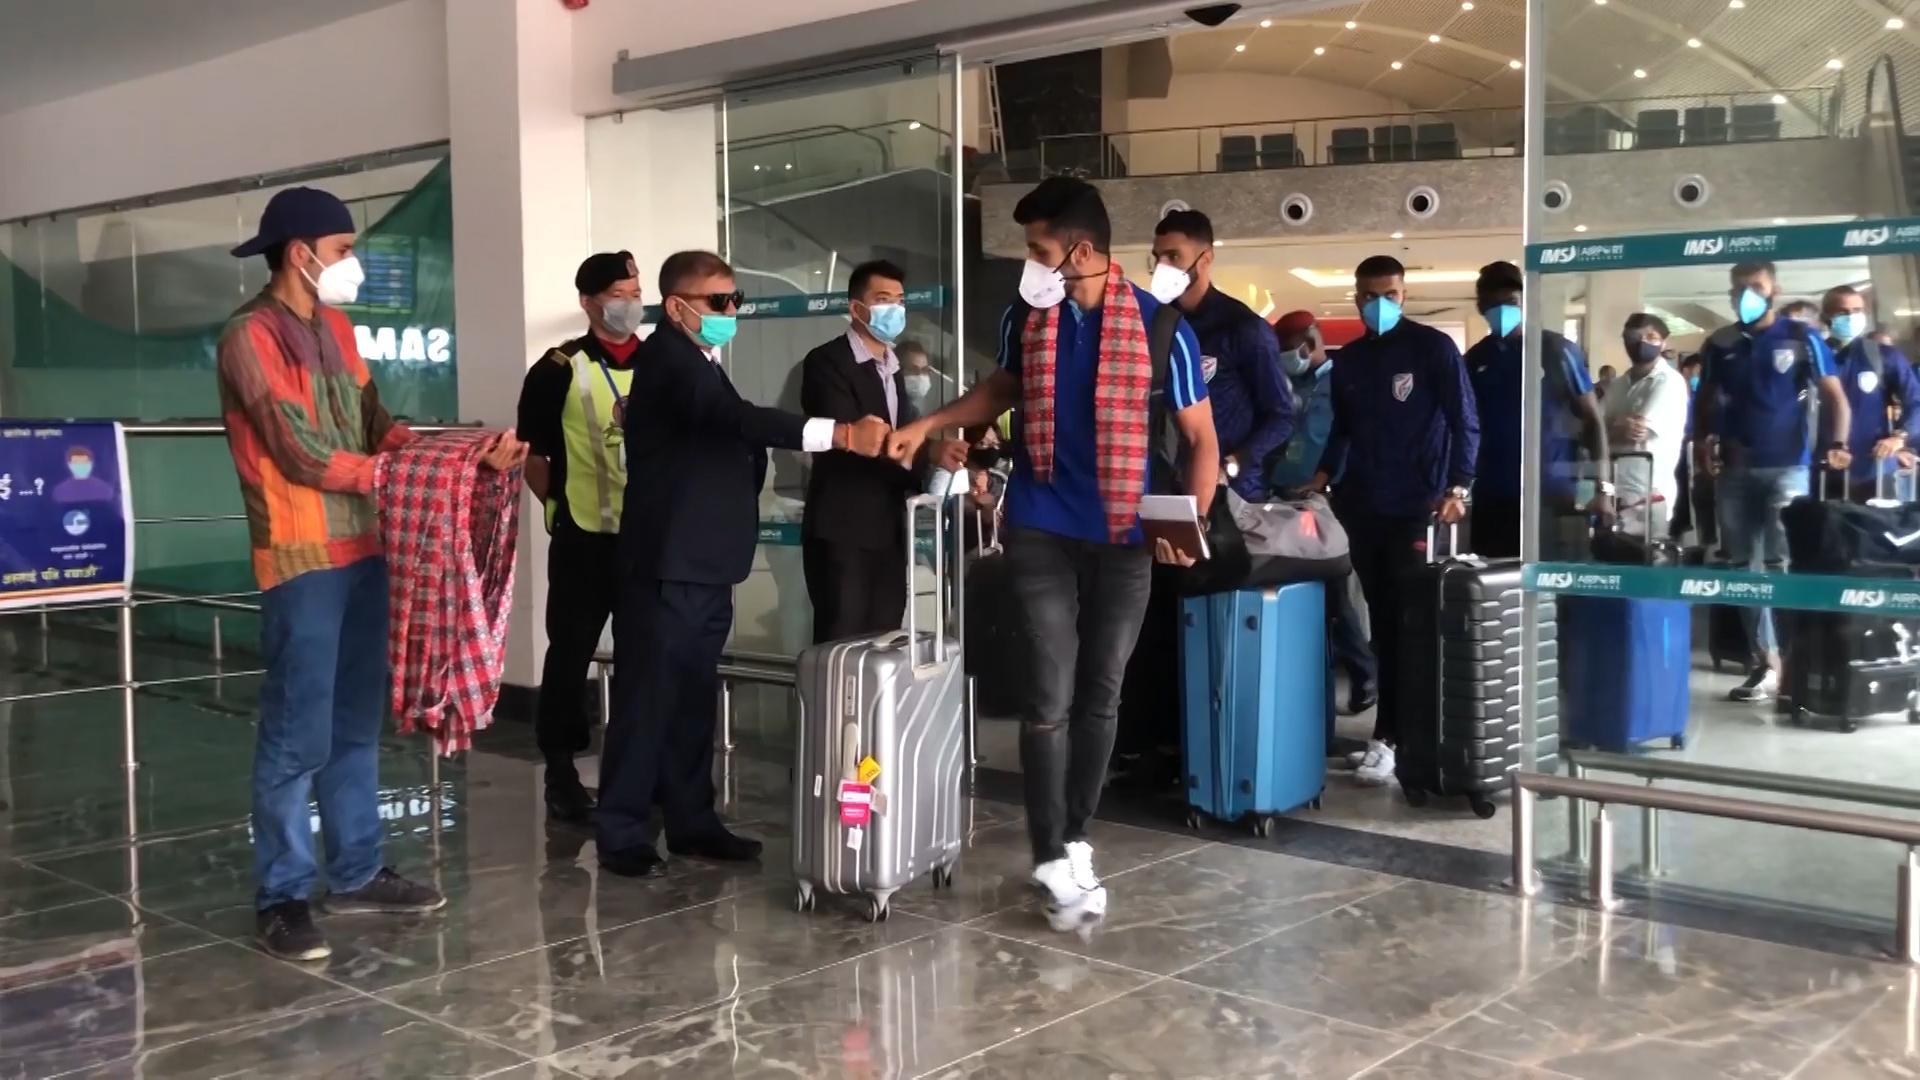 नेपालसँग दुई मैत्रिपूर्ण खेलका लागि भारतीय टोली हिजो नेपाल आईपुगे